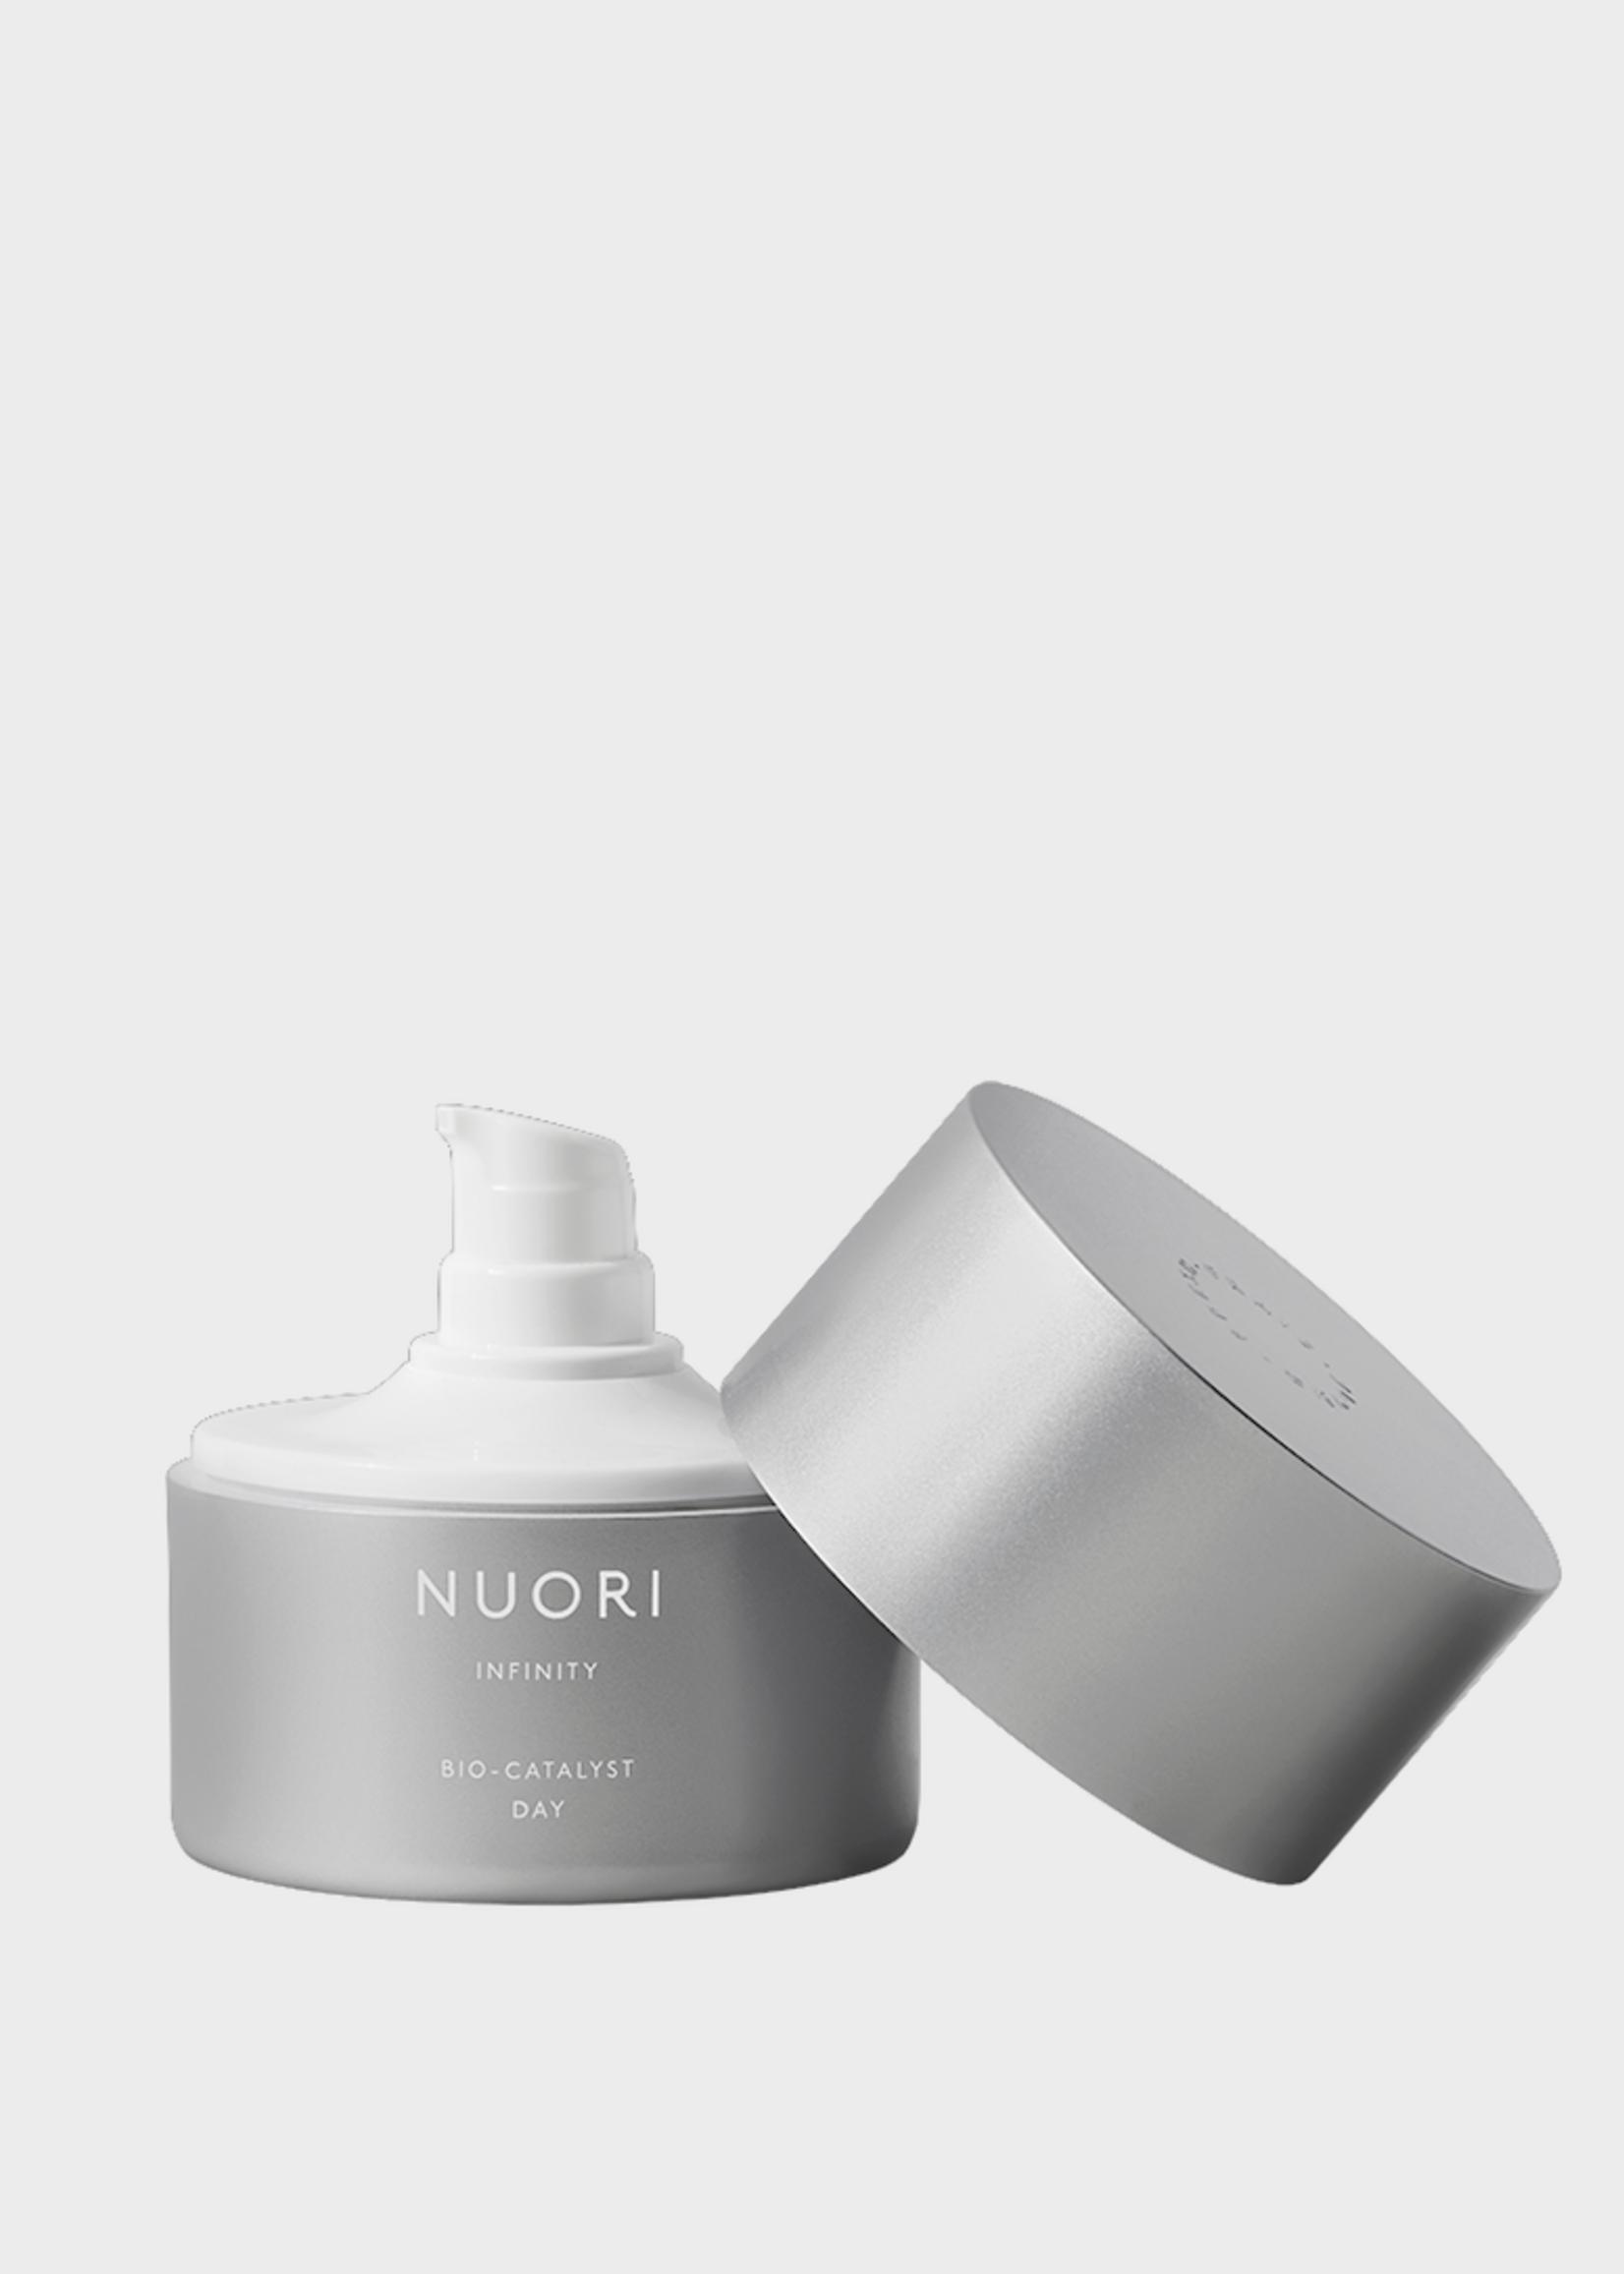 NUORI Bio-Catalyst Day Cream 50ml